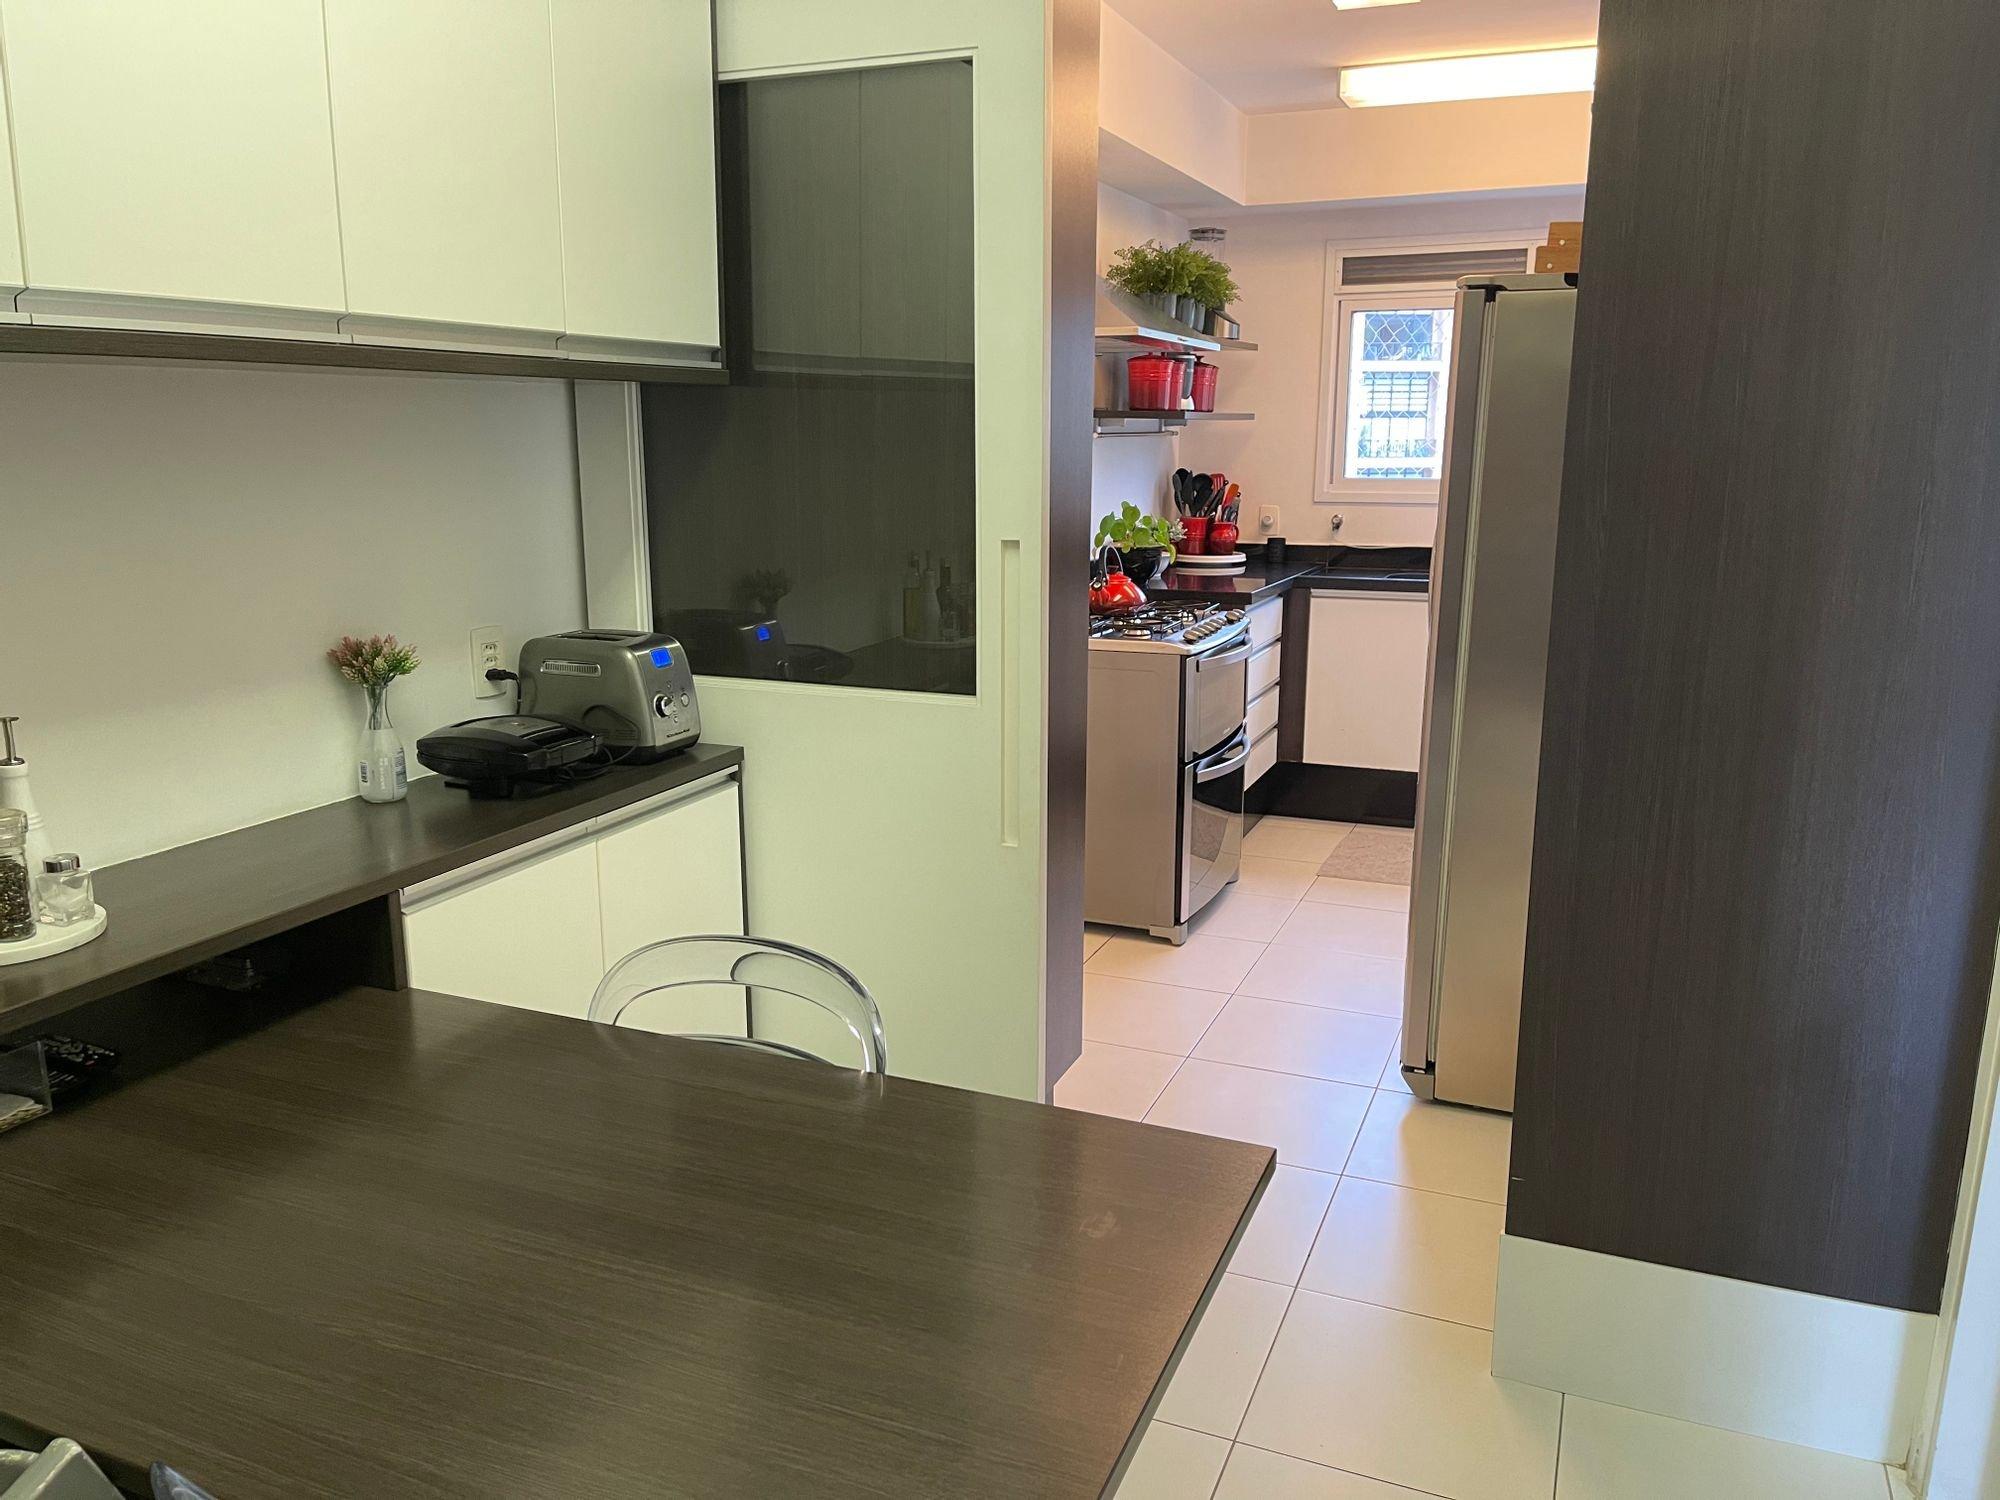 Foto de Cozinha com vaso de planta, forno, cadeira, mesa de jantar, vaso, garrafa, geladeira